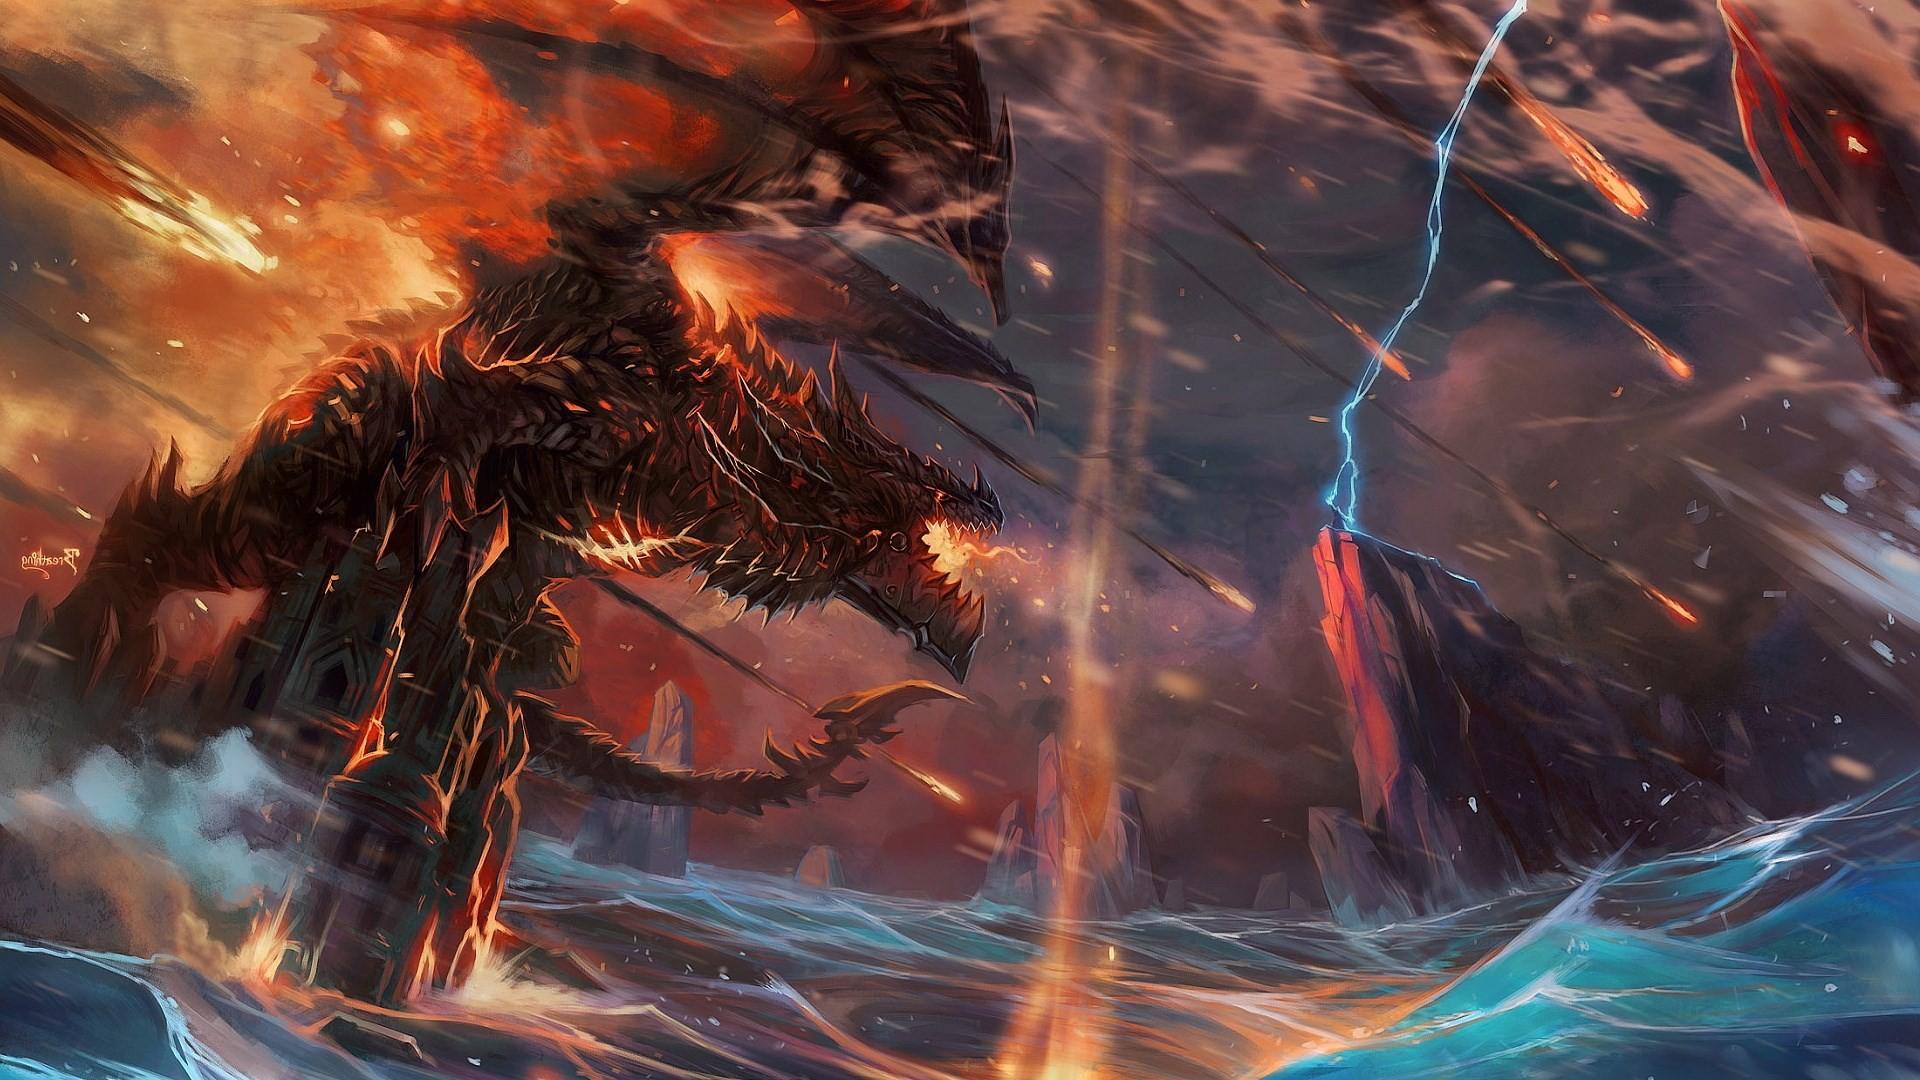 dragon beautiful wallpaper desktop